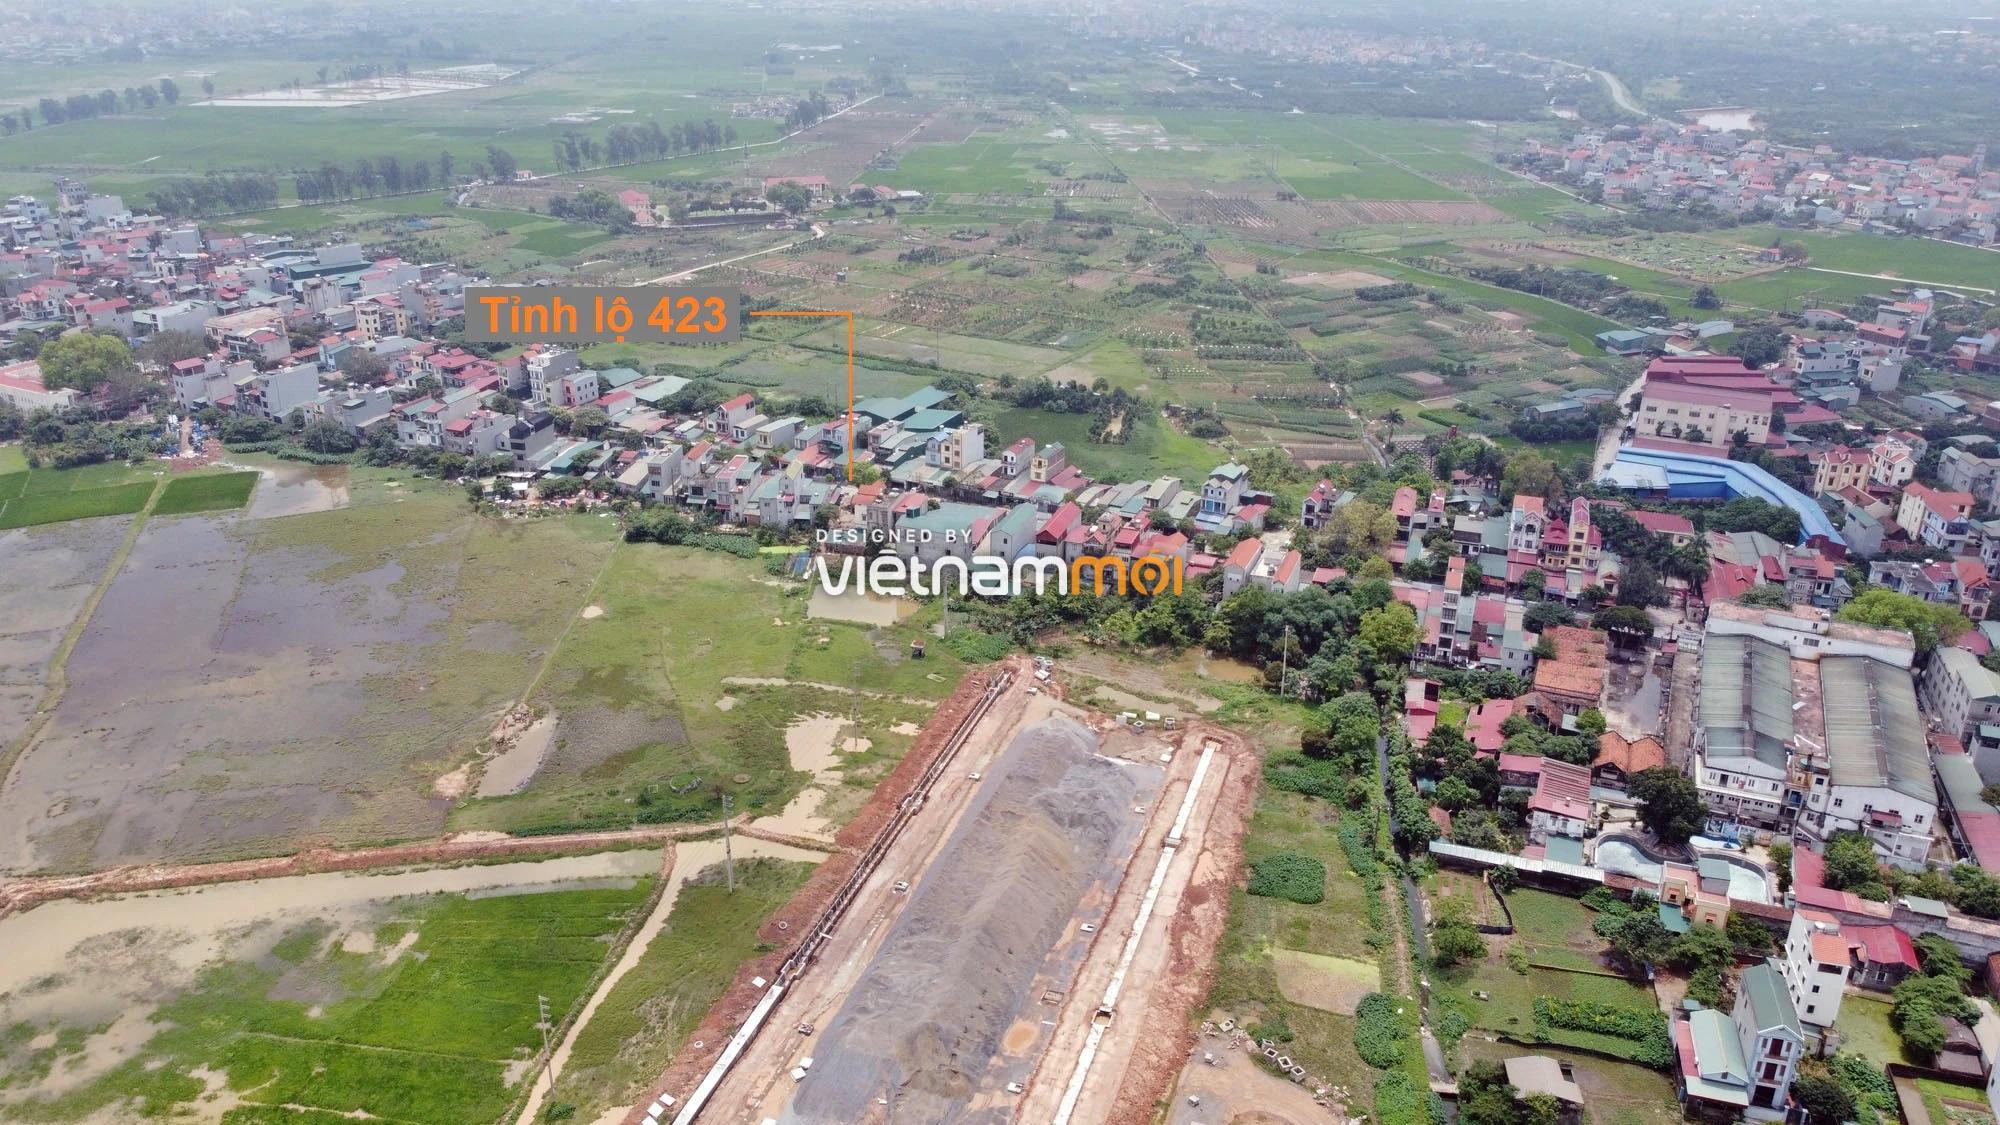 Toàn cảnh đường nối Đại lộ Thăng Long - tỉnh lộ 423 qua KĐT Nam An Khánh đang mở theo quy hoạch ở Hà Nội - Ảnh 14.